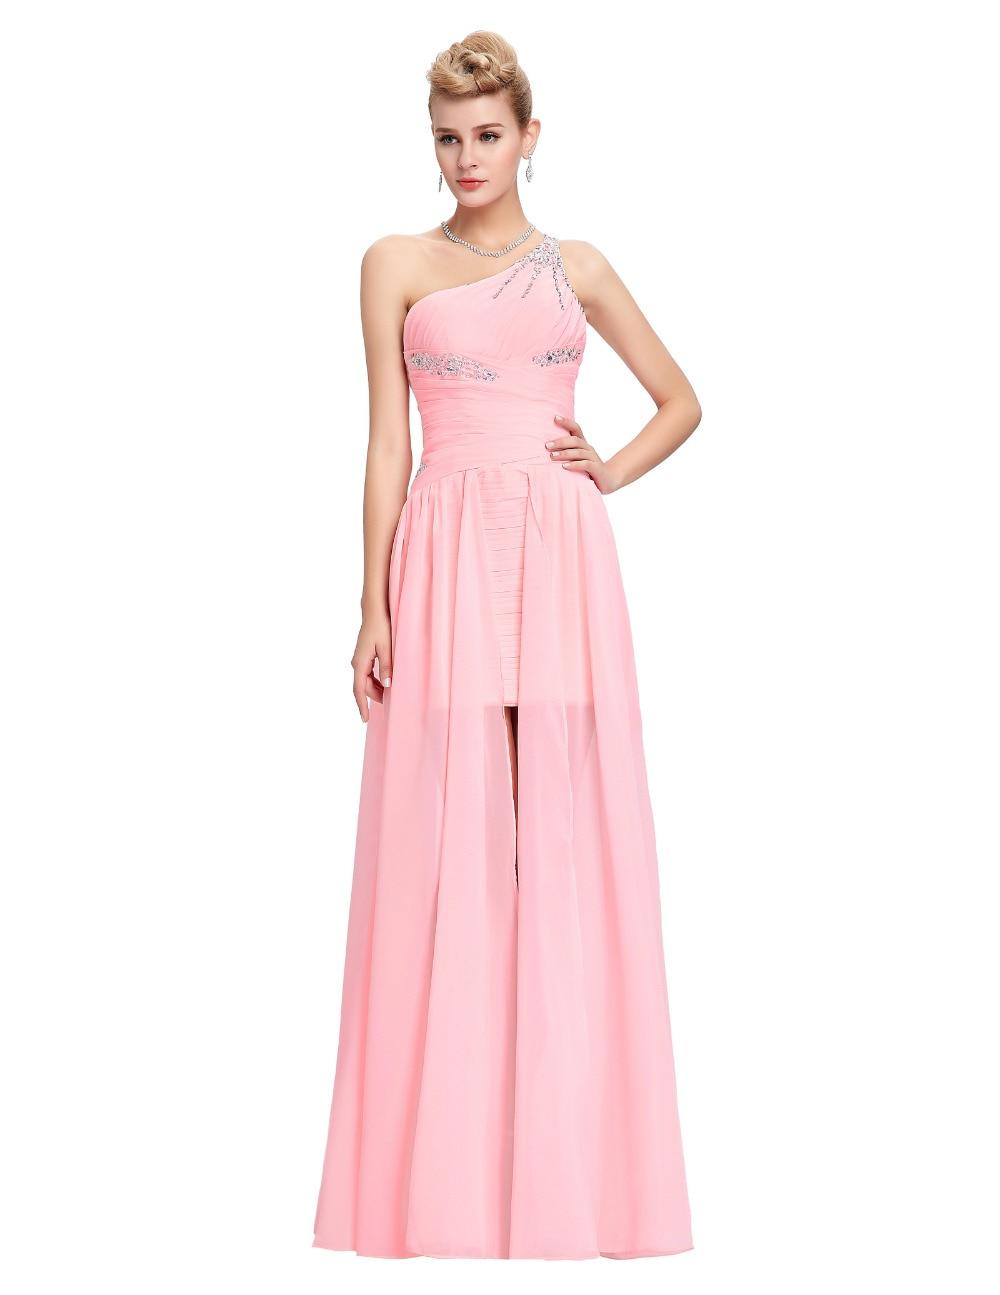 Asombroso Vestidos De Fiesta En Dillards Inspiración - Colección de ...